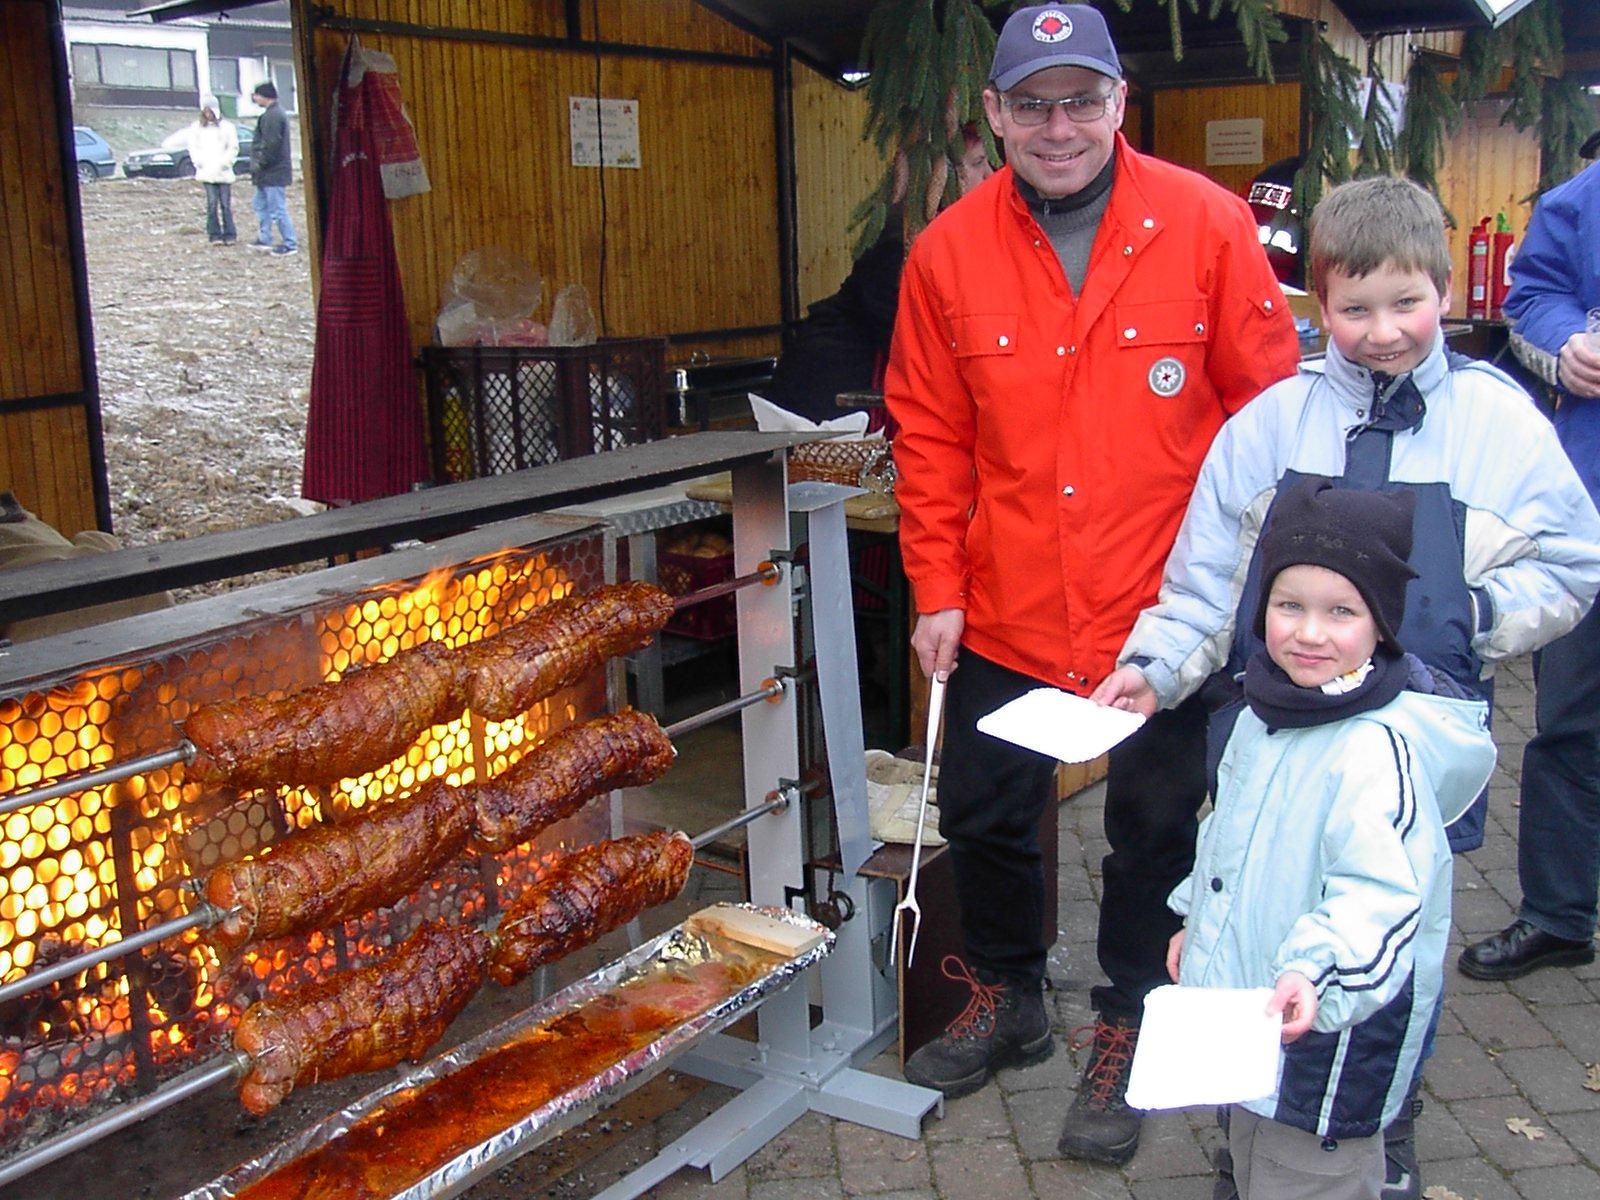 32. Weihnachtsmarkt in Irmgarteichen am Sonntag, den 11.12.2011